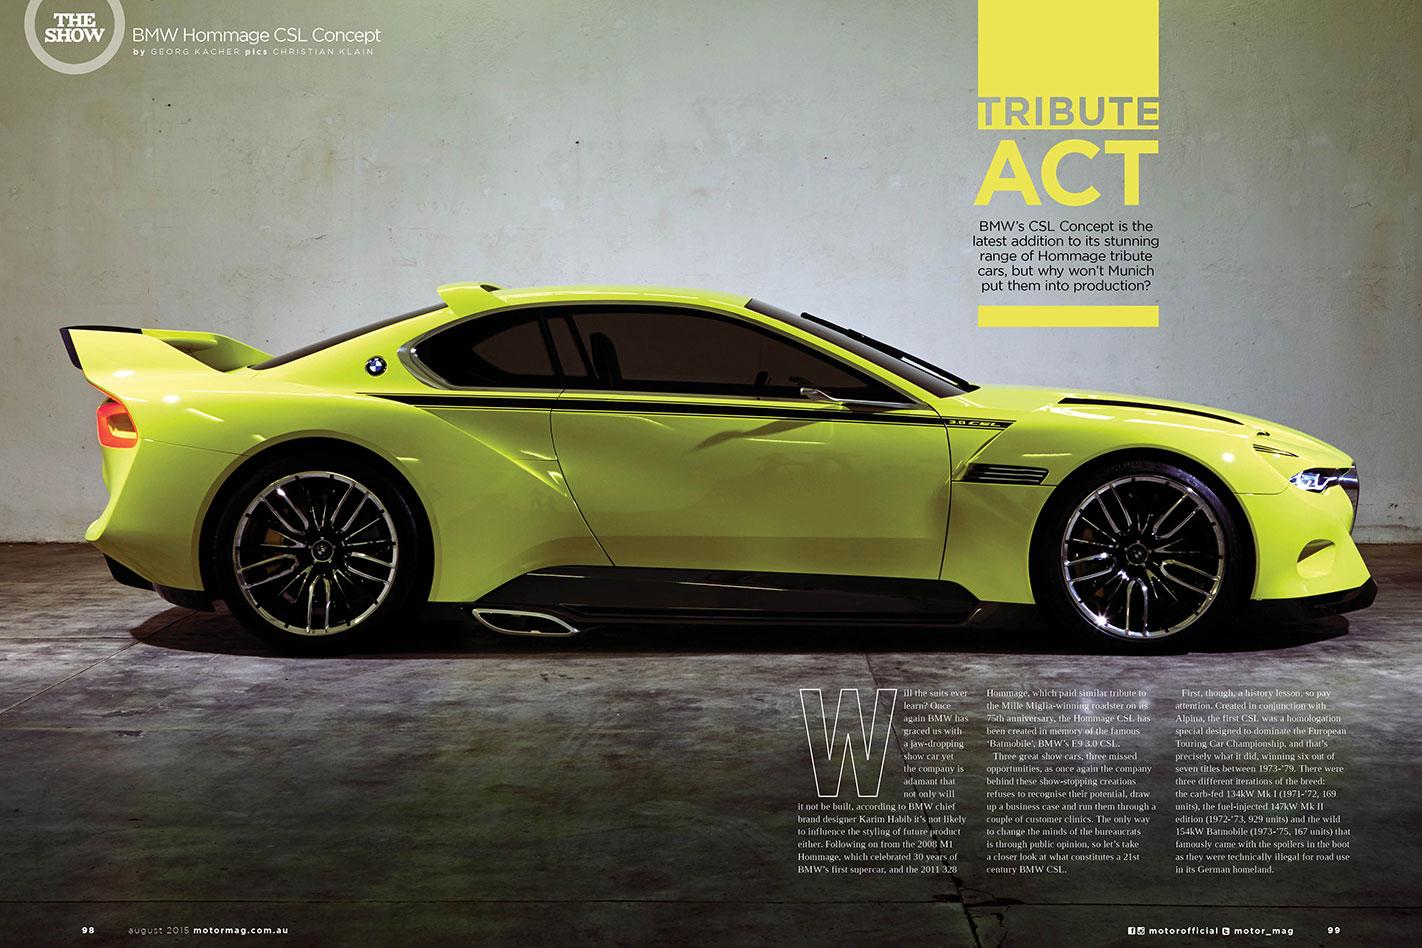 BMW Hommage CSL